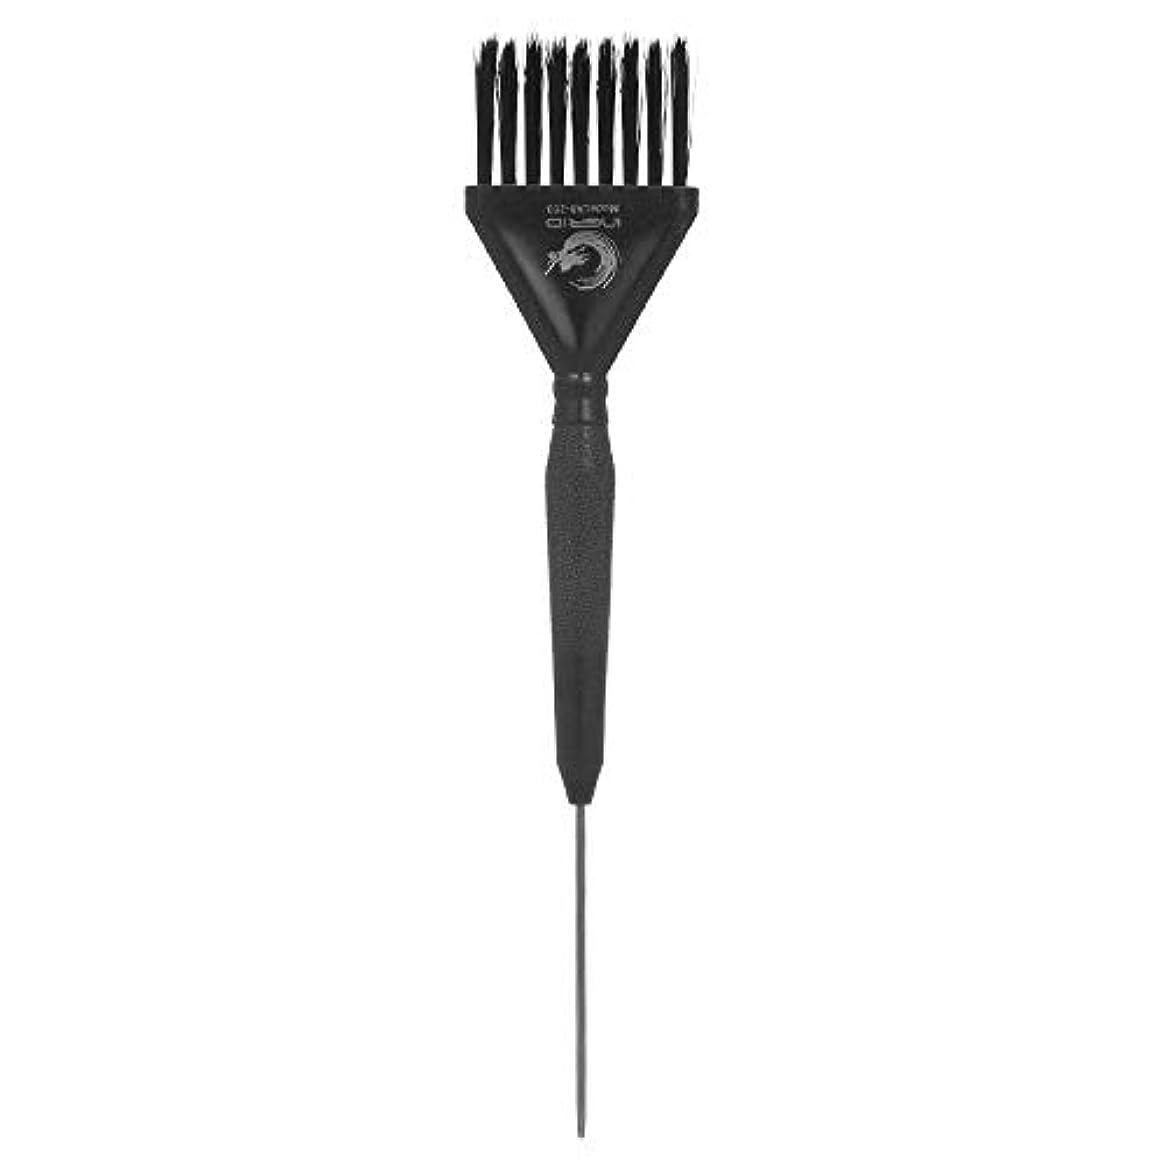 超音速自己忘れるDecdeal 染毛ブラシ ヘアダイブラシ プロ用 DIY 髪染め用 サロン 美髪師用 ヘアカラーの用具